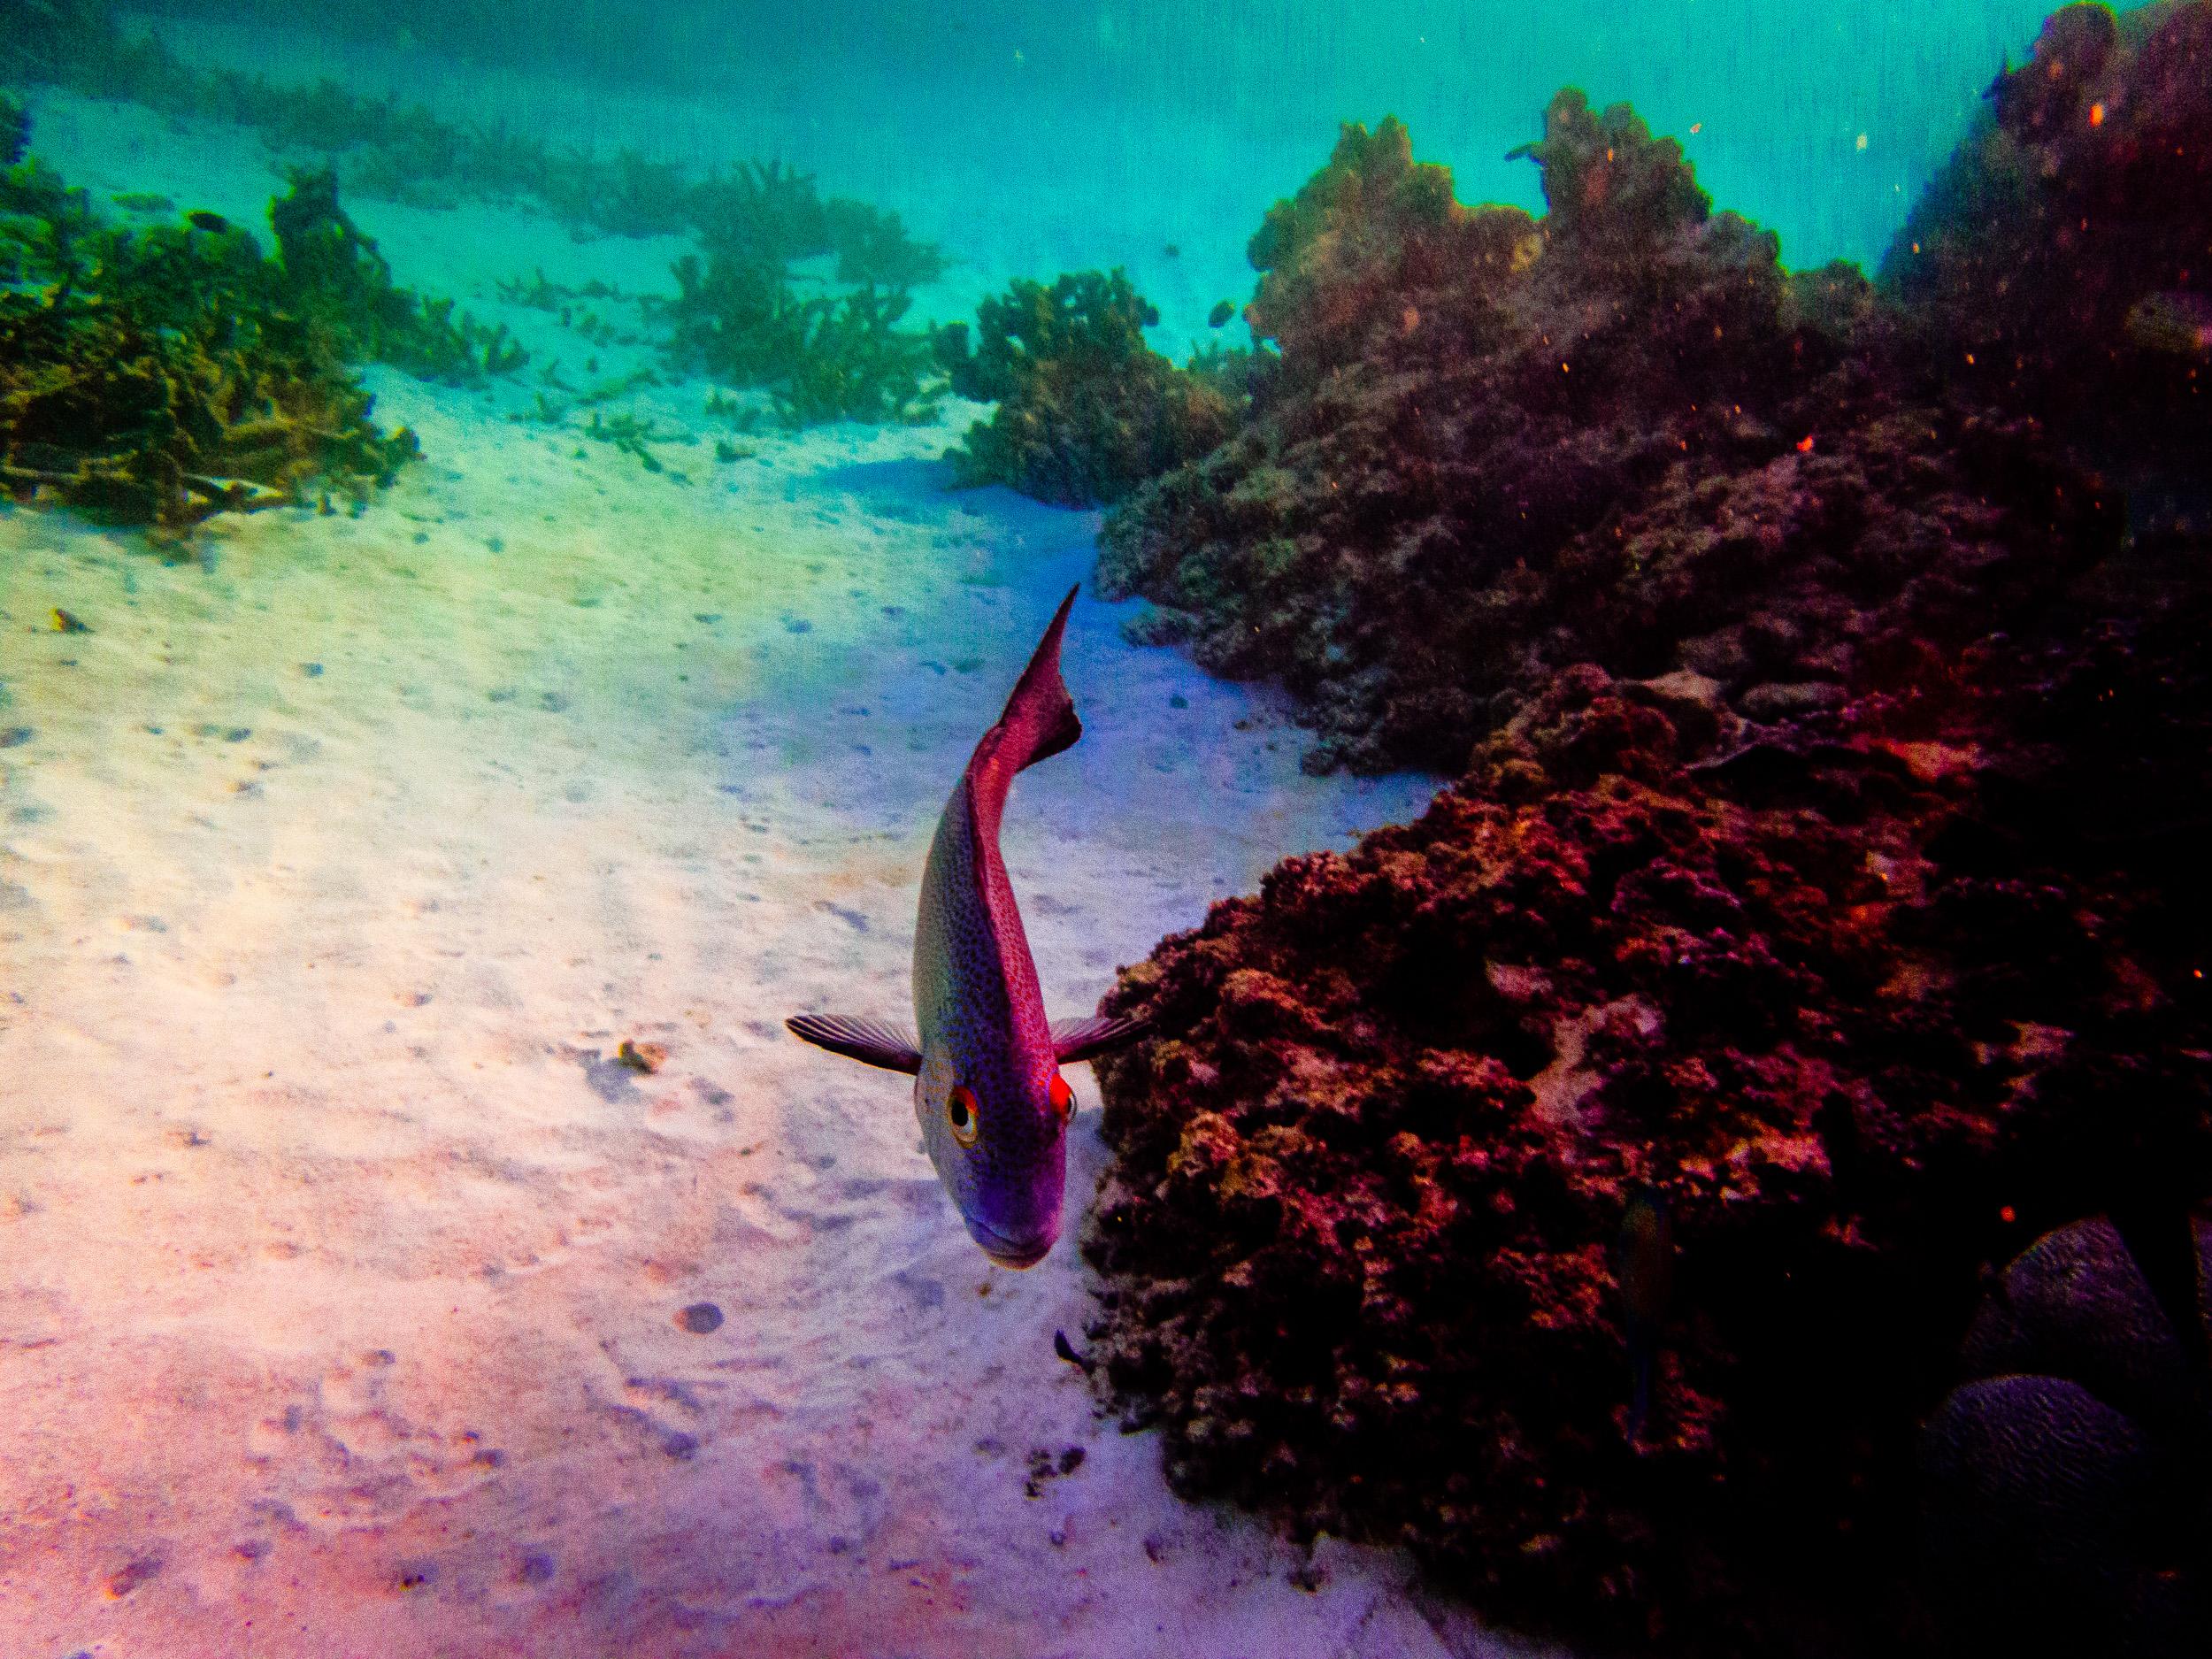 Spyrides_Kyle_Ningaloo_Reef_Sal_Salis.13.5.2016P5131891.jpg